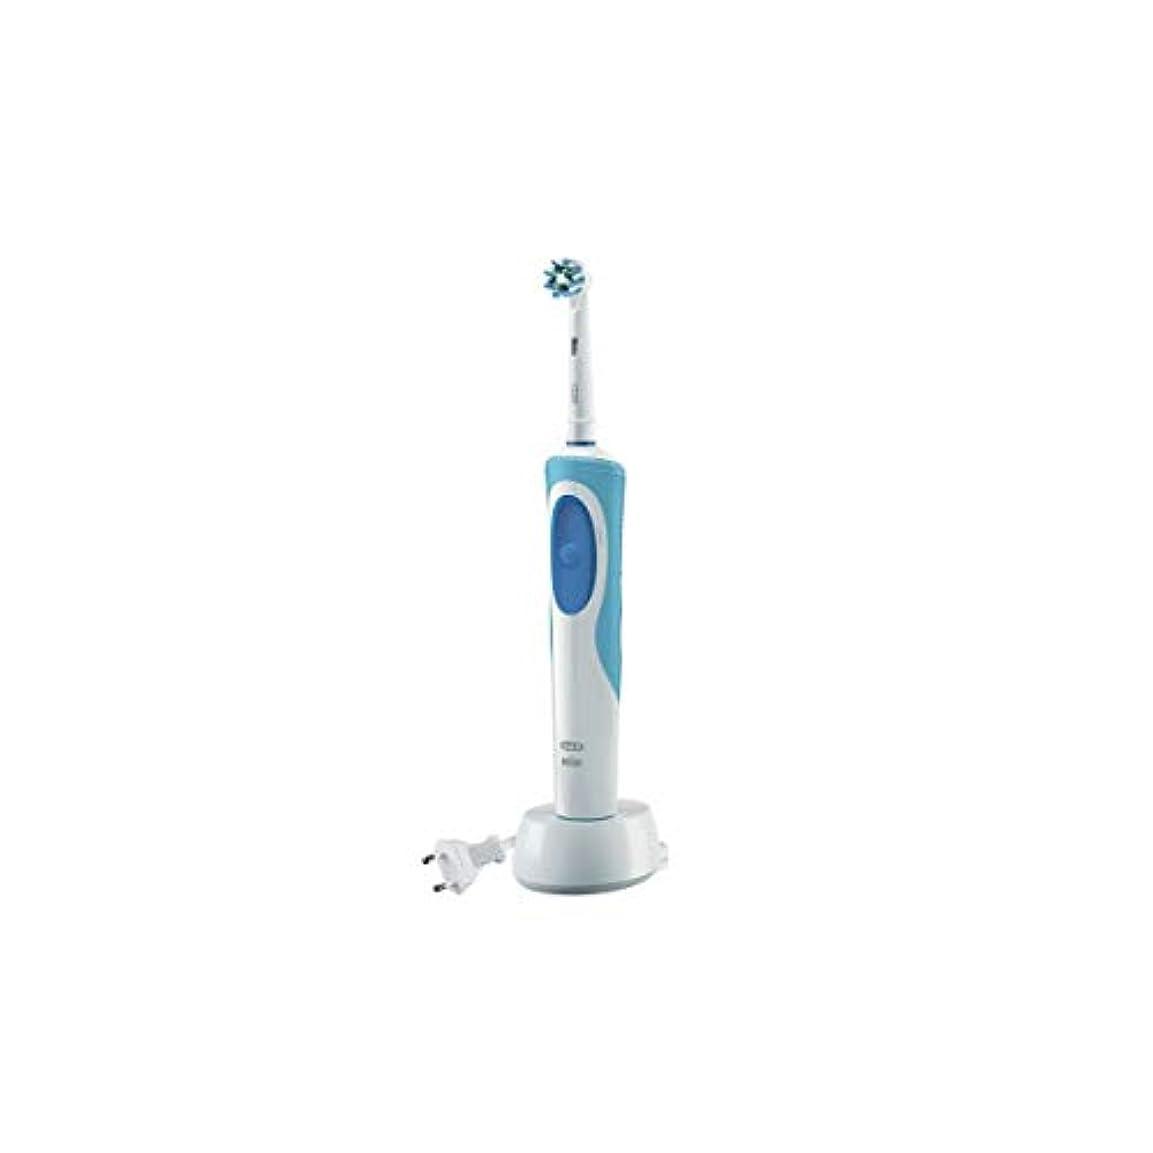 不安定な不利益意気込みOral B Vitality Cross Action Electric Toothbrush [並行輸入品]